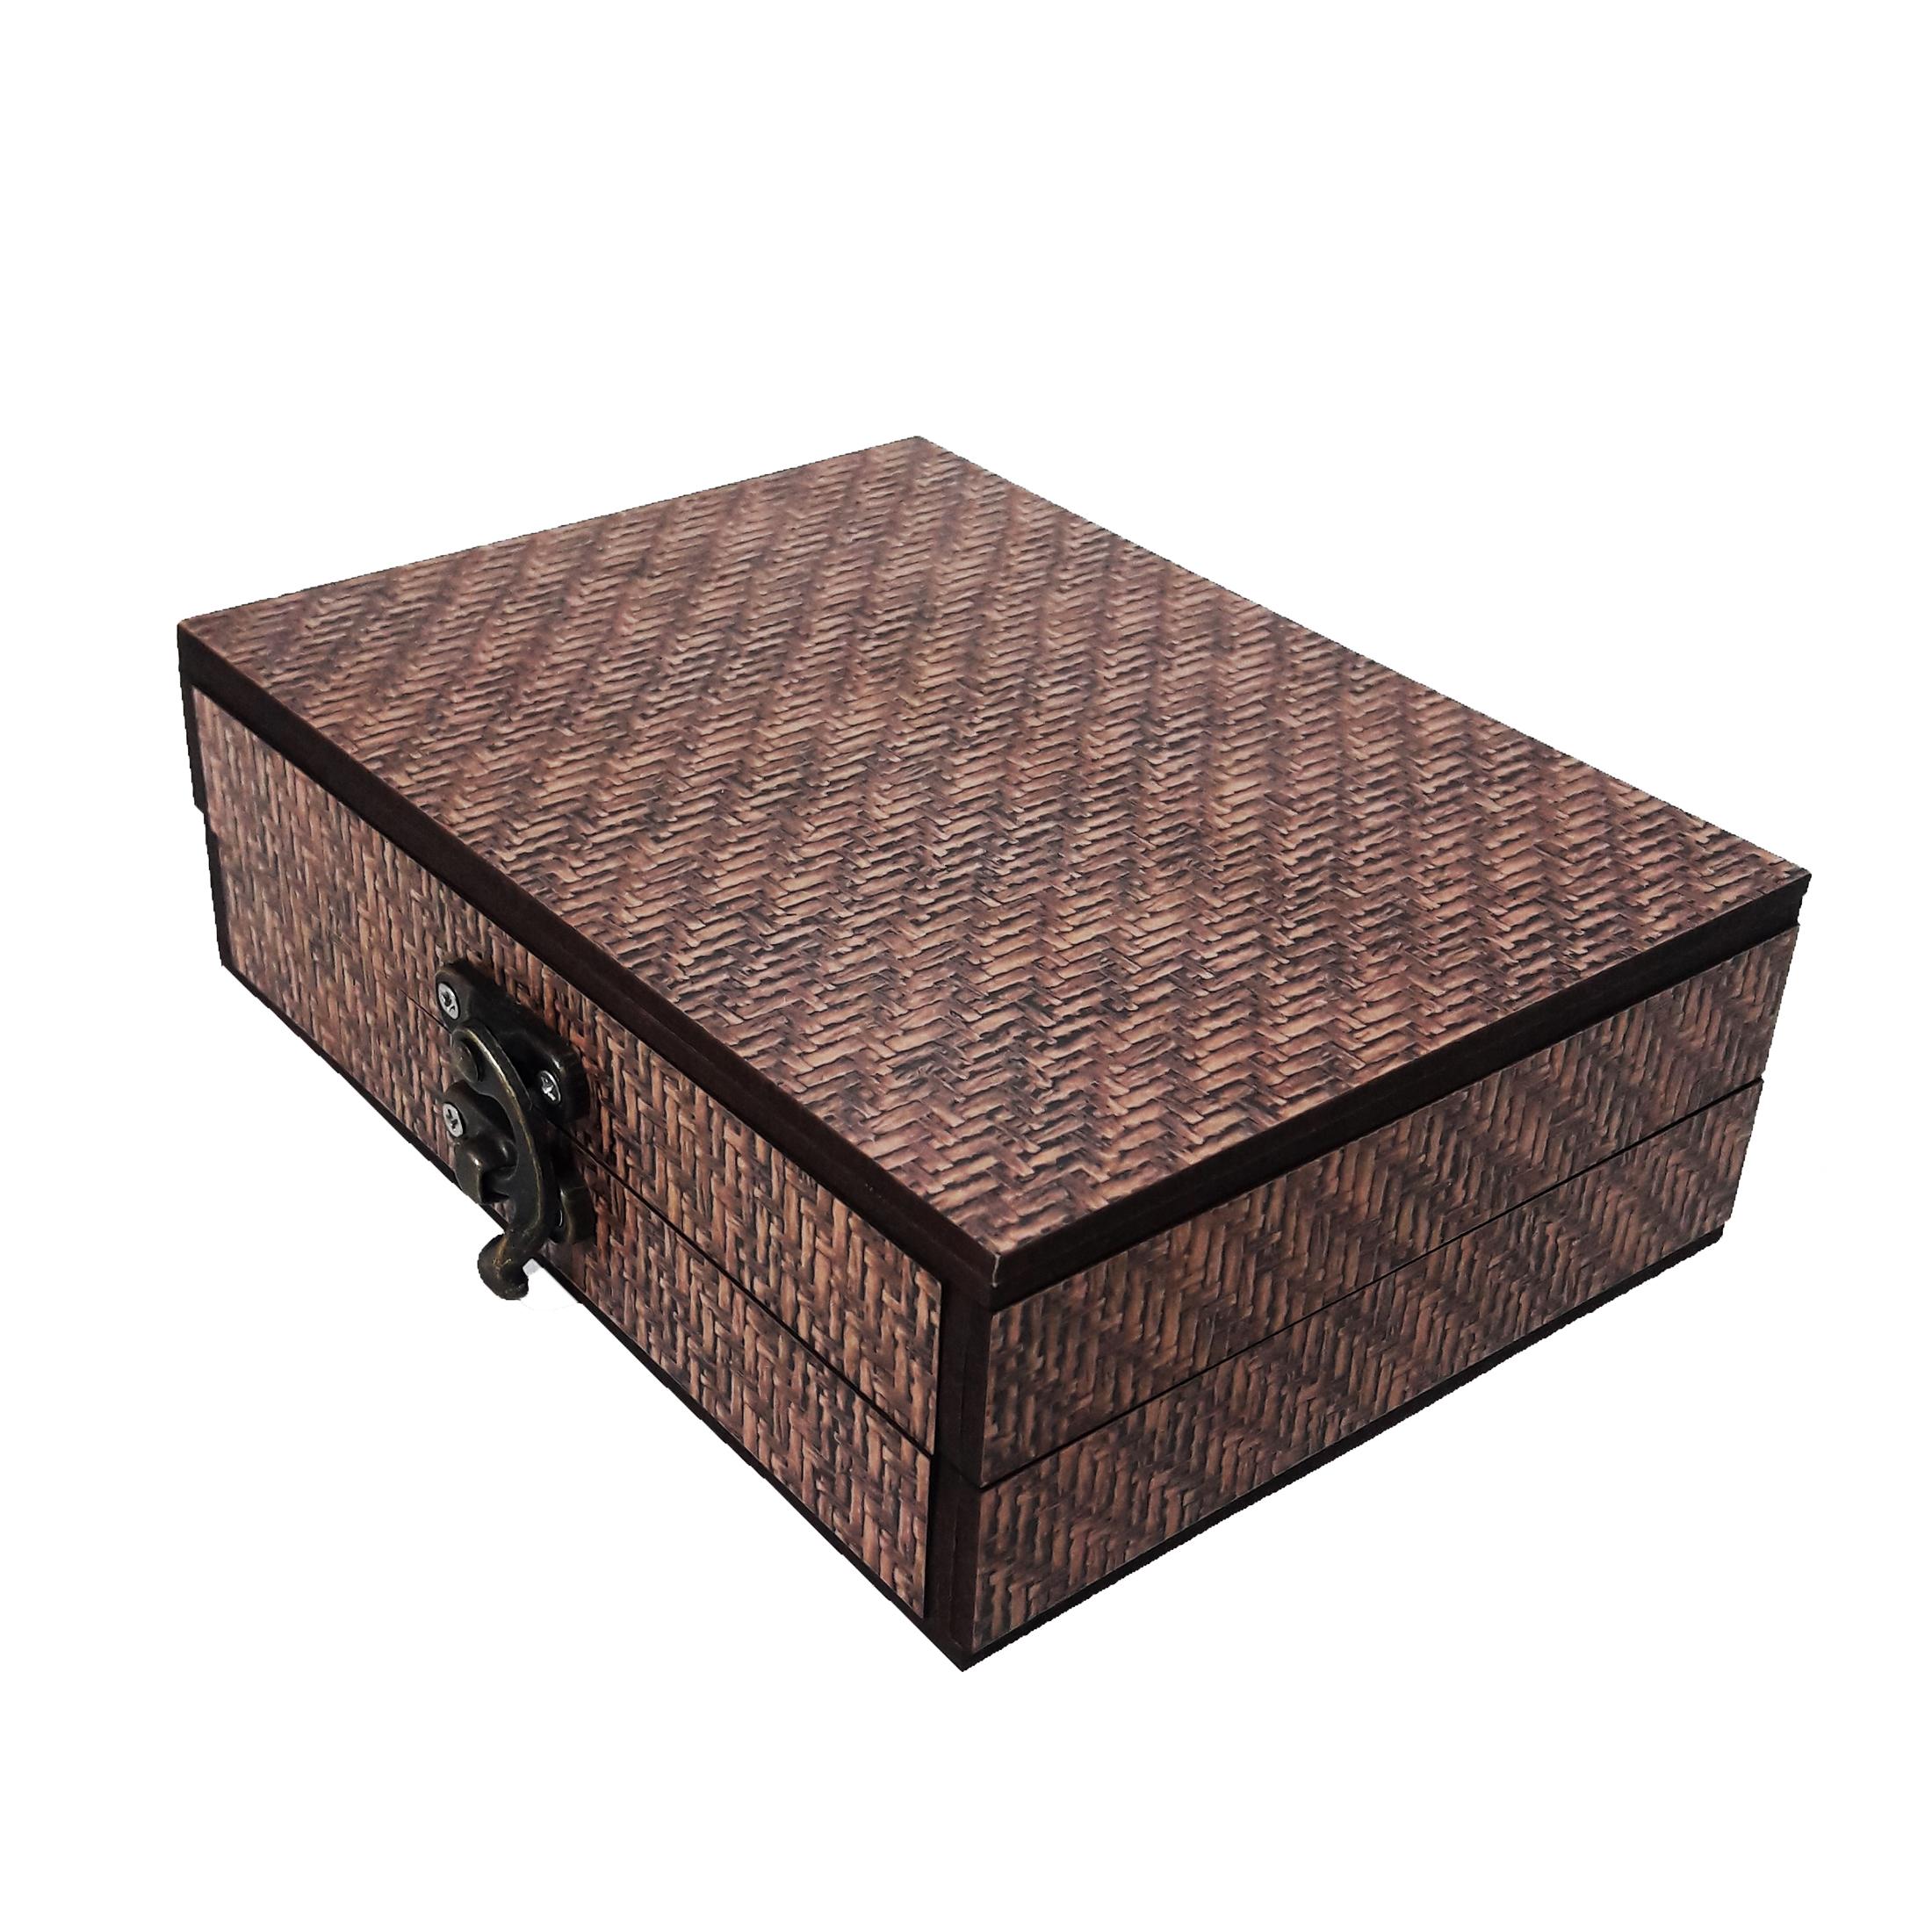 جعبه هدیه چوبی کادو آیهان باکس مدل 117